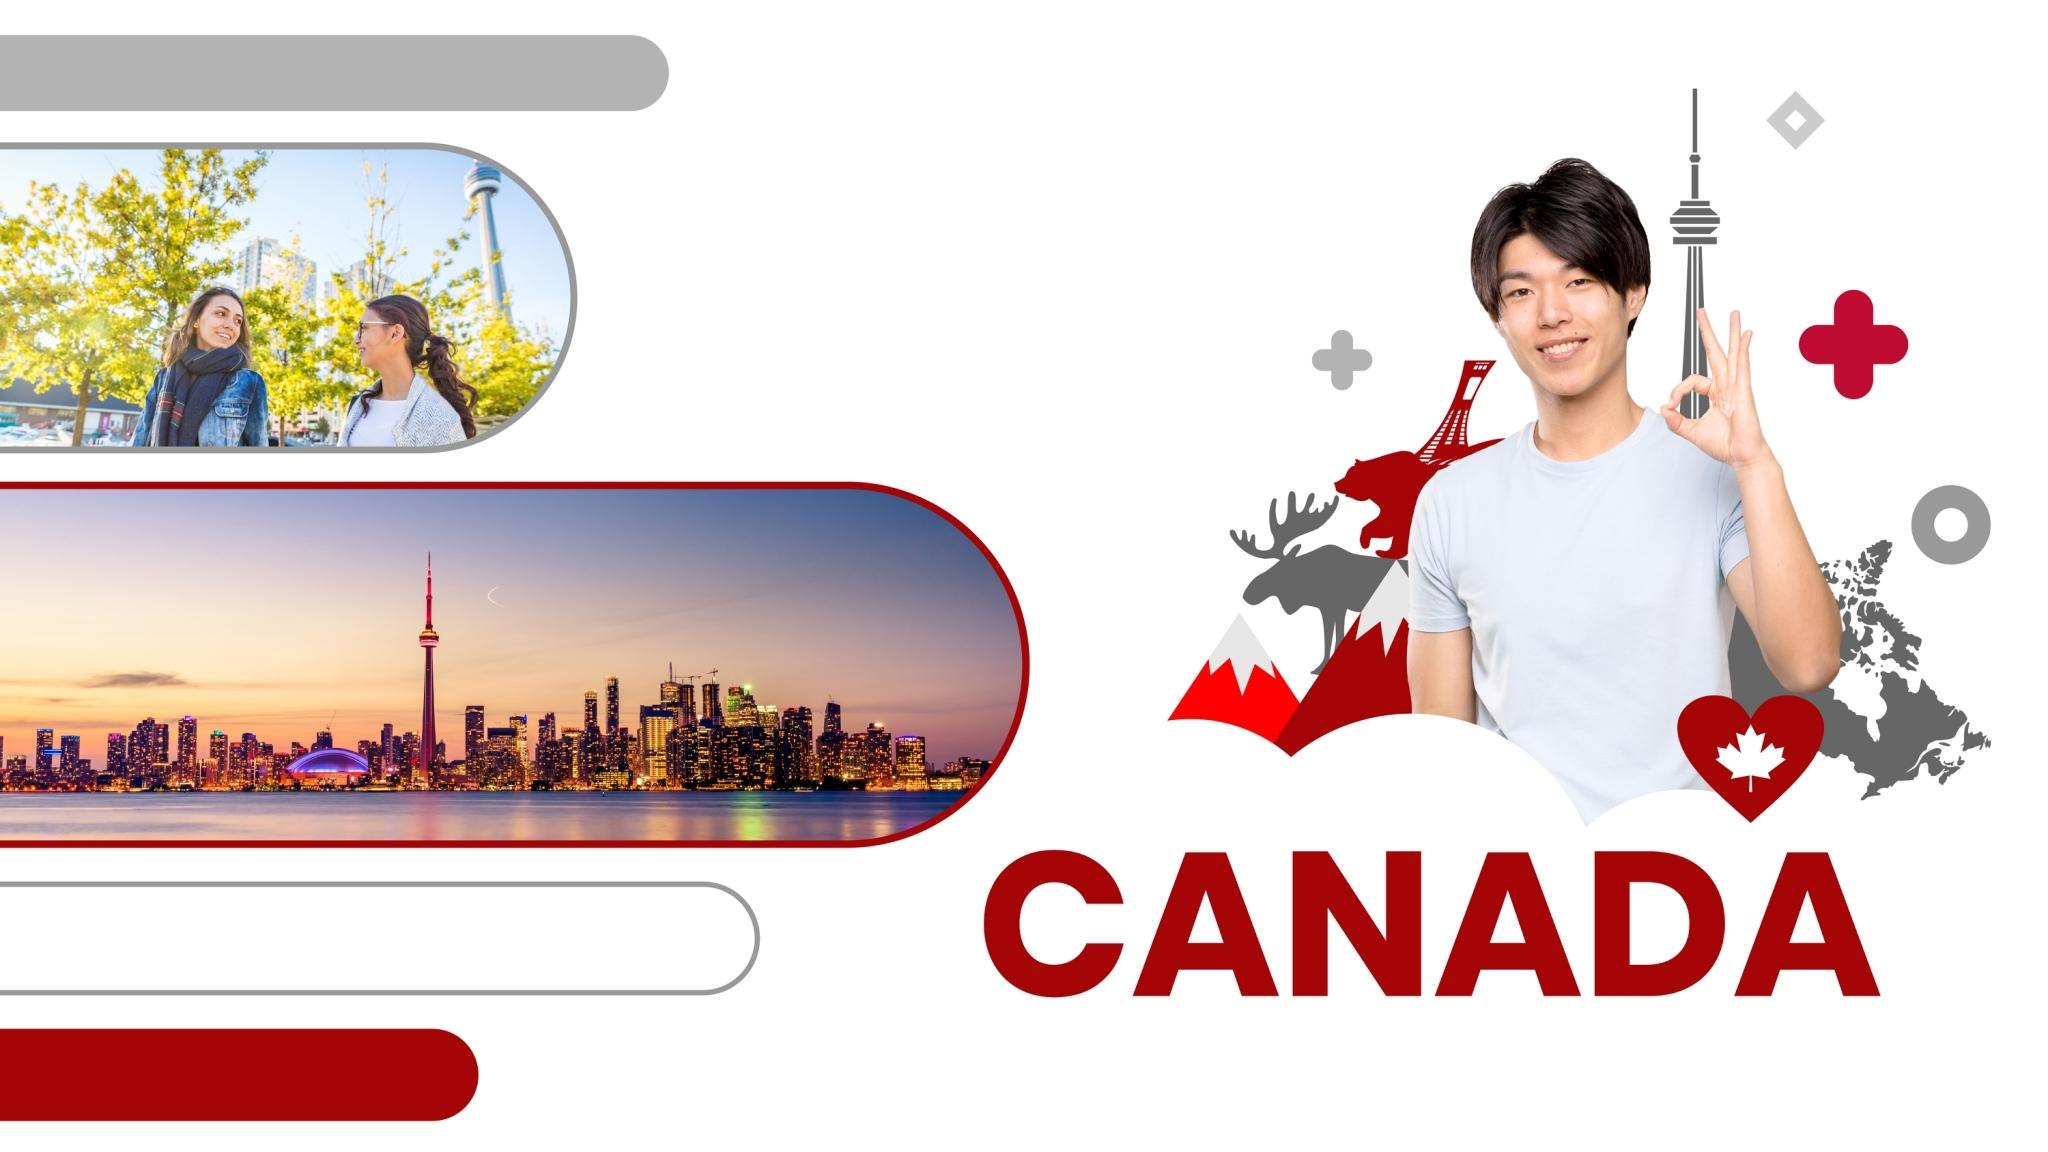 เรียนต่อแคนาดา เรียนภาษาแคนาดา